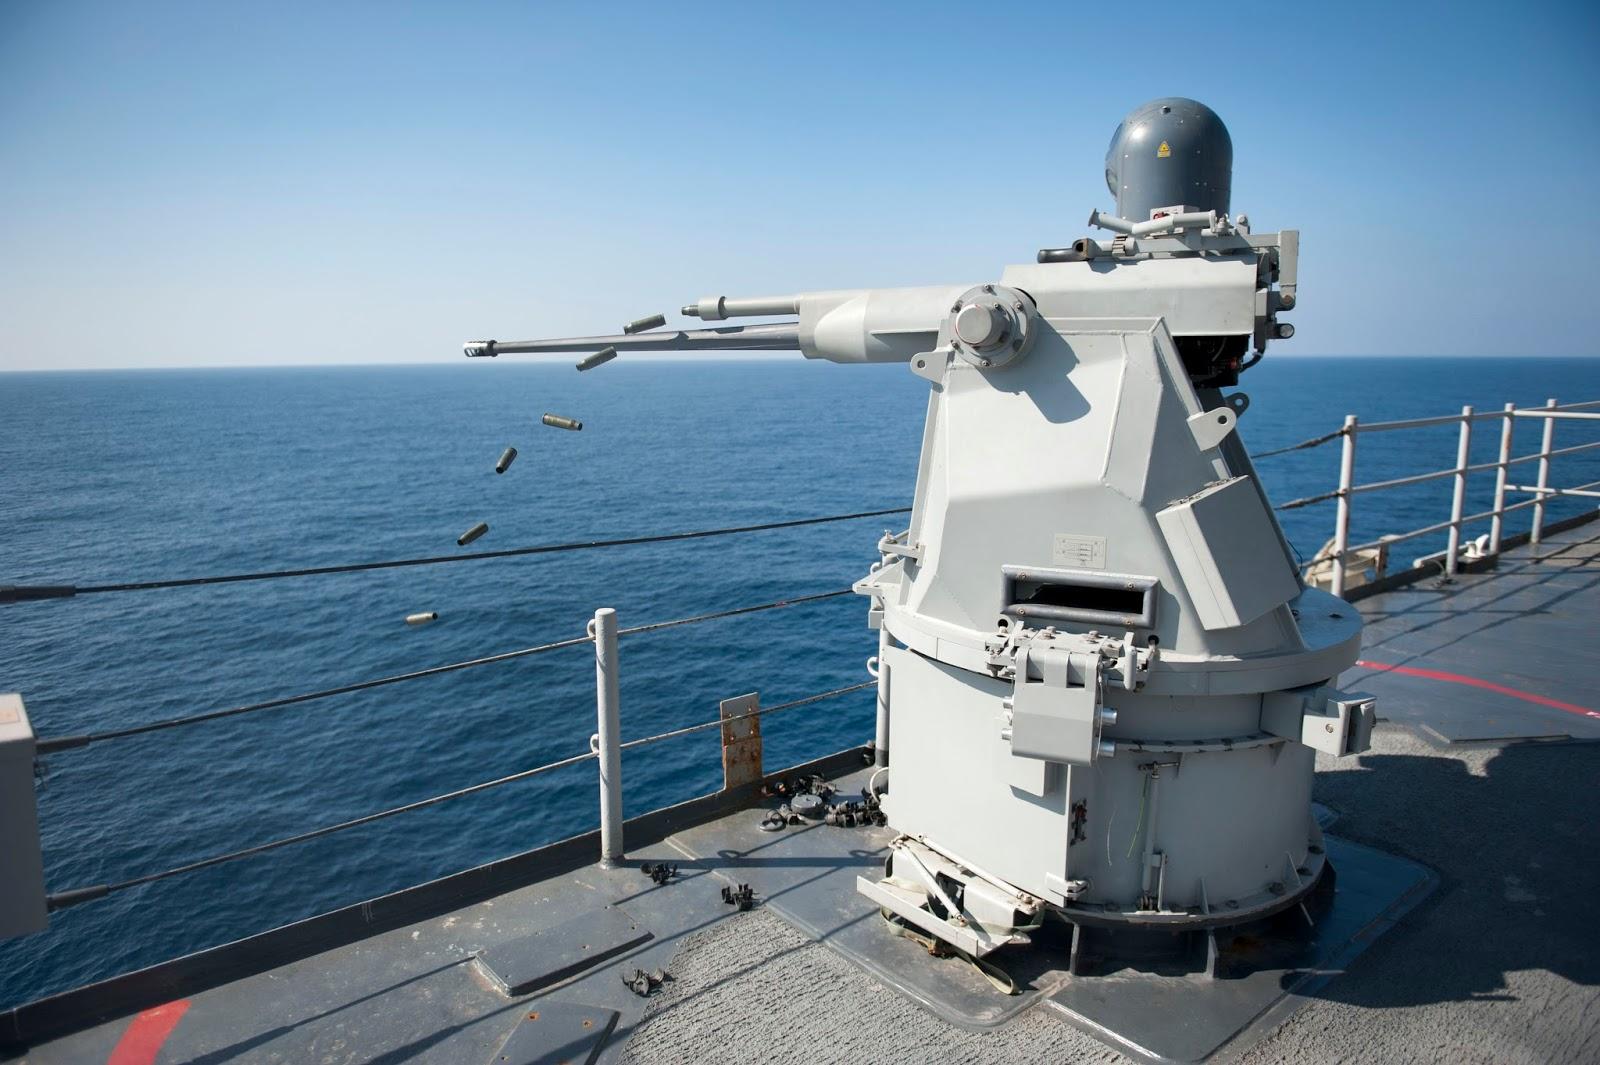 US_Navy_111231-N-KS651-967_A_Mk_38_MOD_2_25mm_machine_gun_system_aboard_the_amphibious_dock_landing_ship_USS_Pearl_Harbor_%2528LSD_52%2529_ejects_casings_d.jpg